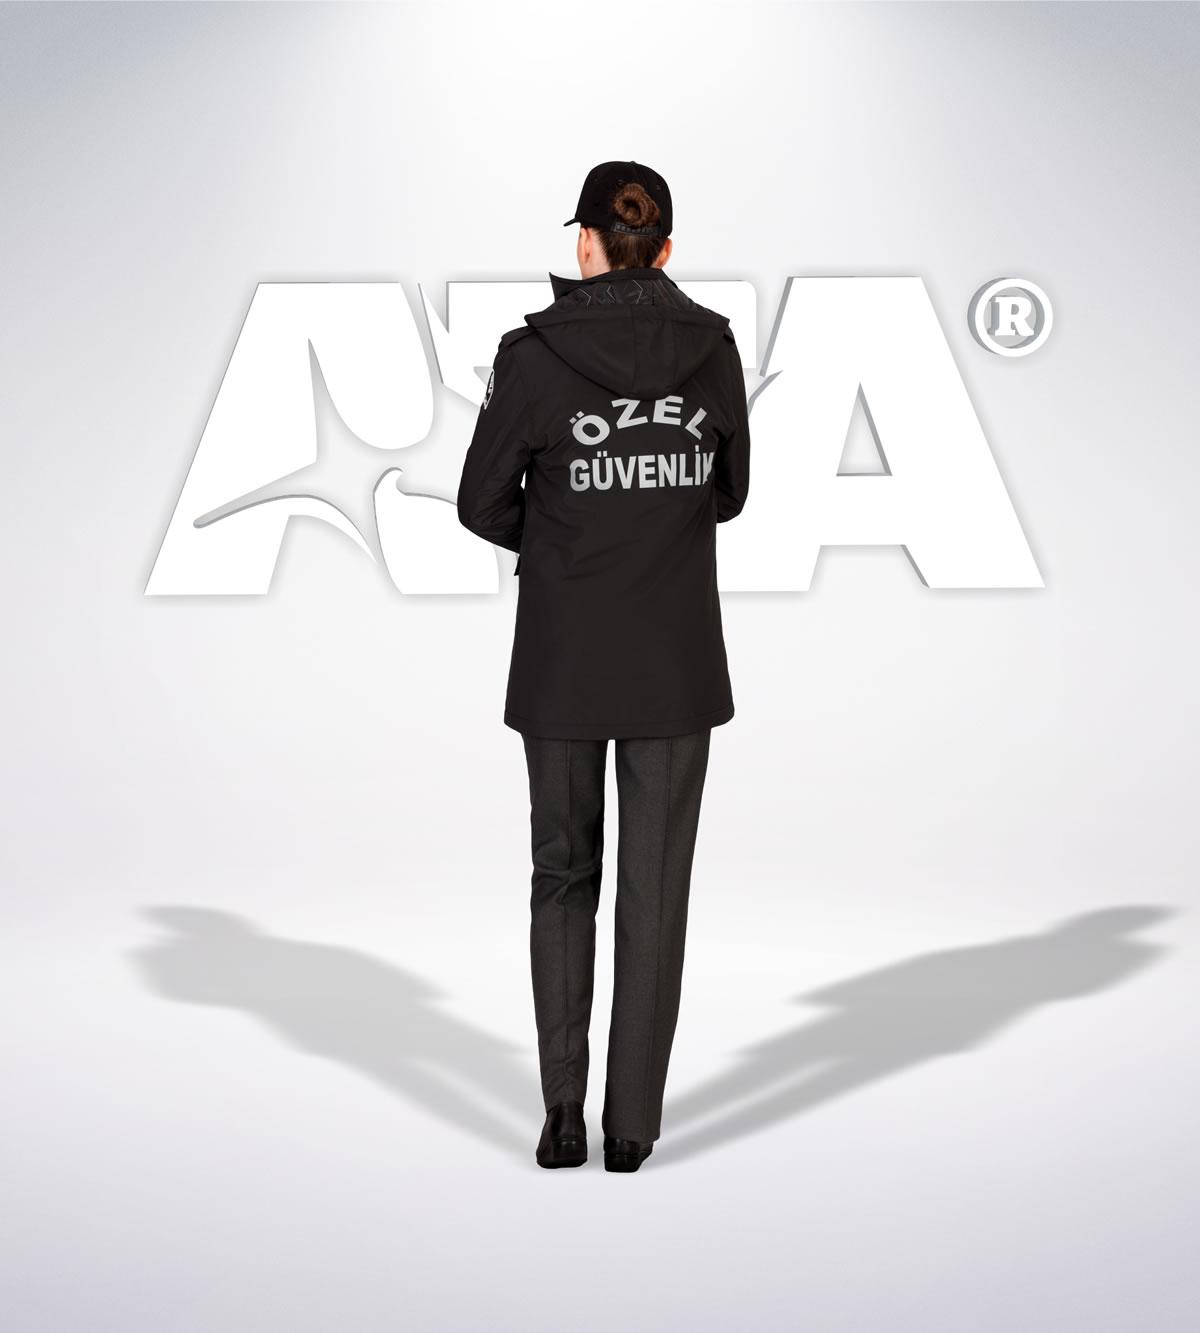 ATA 156 - arka - Pantolon kışlık - mont - reflektör-aksesuar - güvenlik elbiseleri | güvenlik üniformaları | güvenlik kıyafetleri